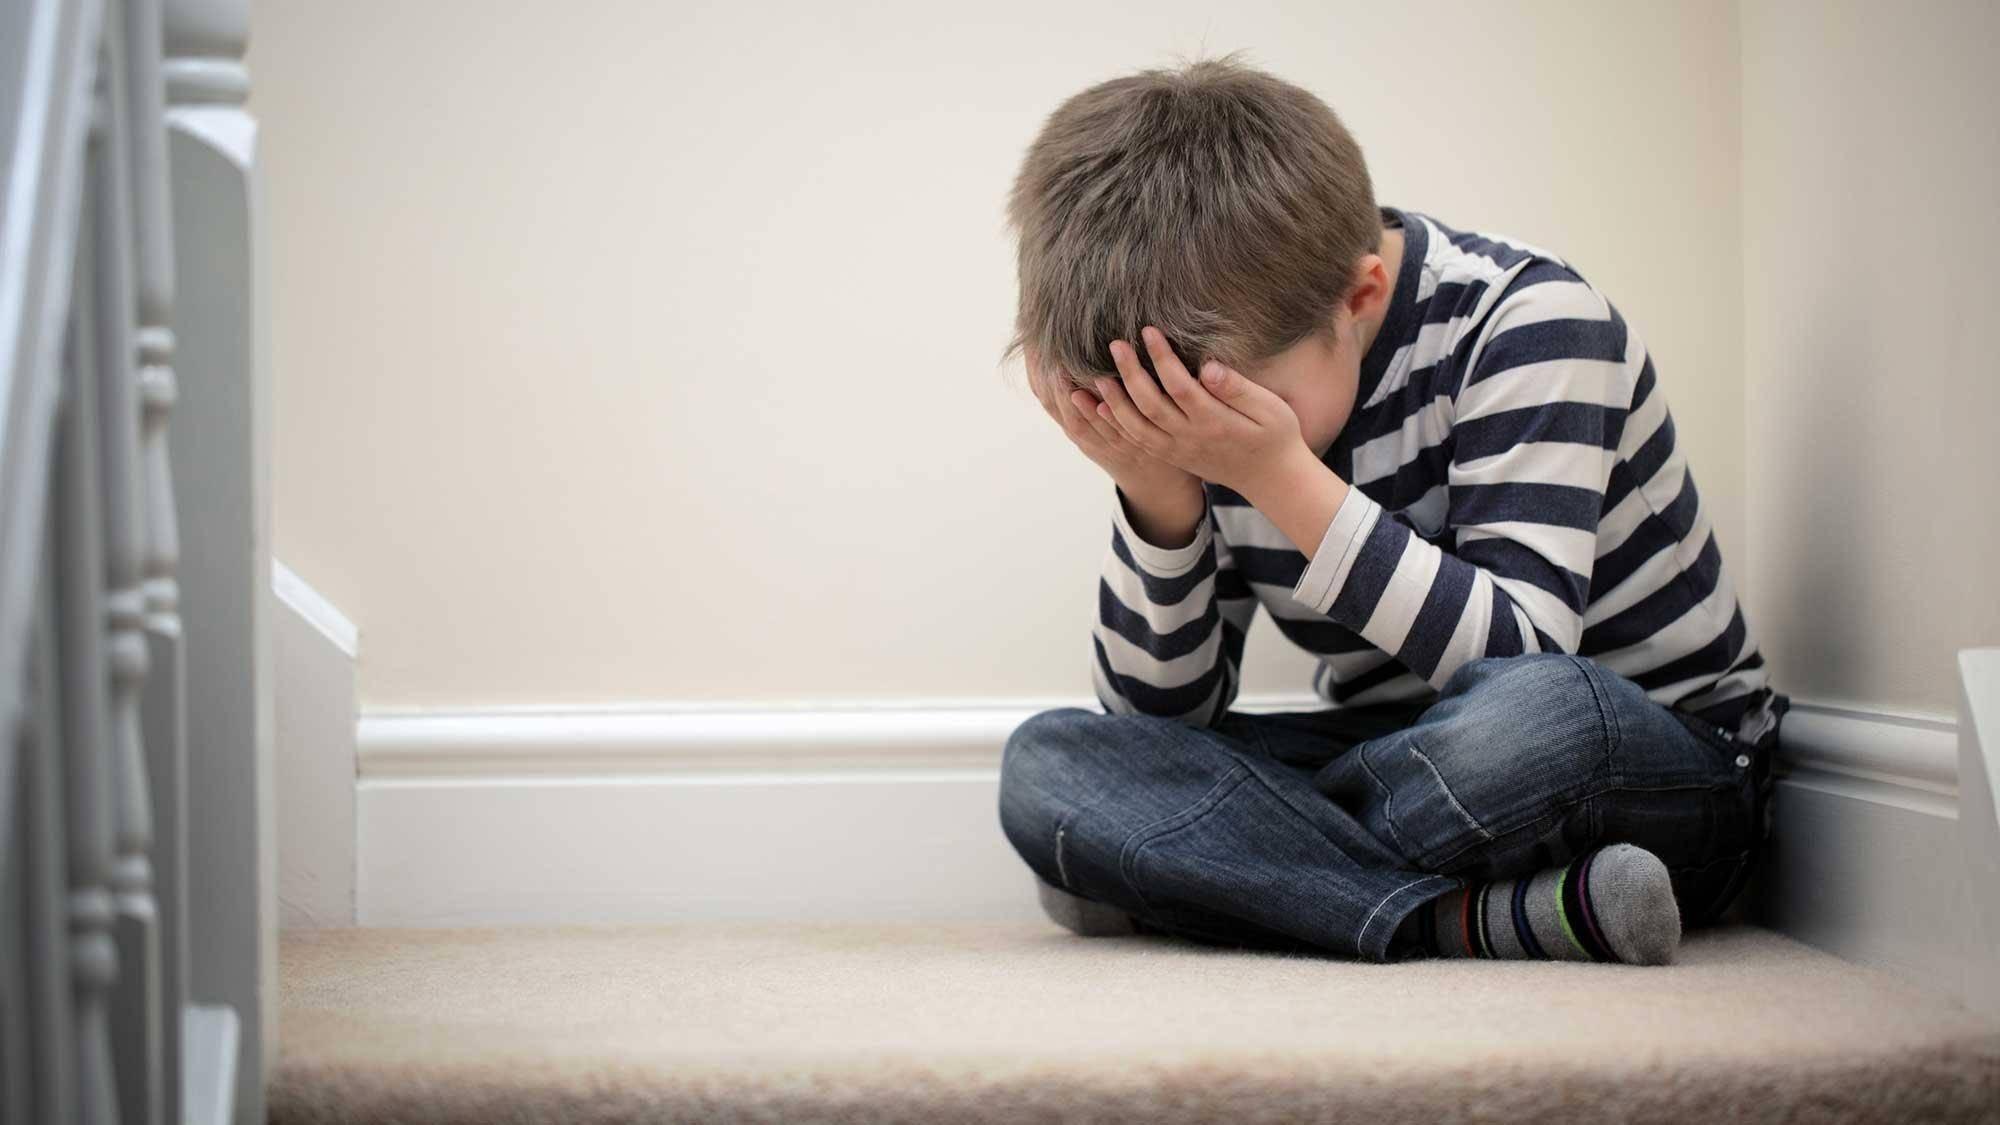 Сложности лечения подростковой депрессии, её признаки и способы предотвратить